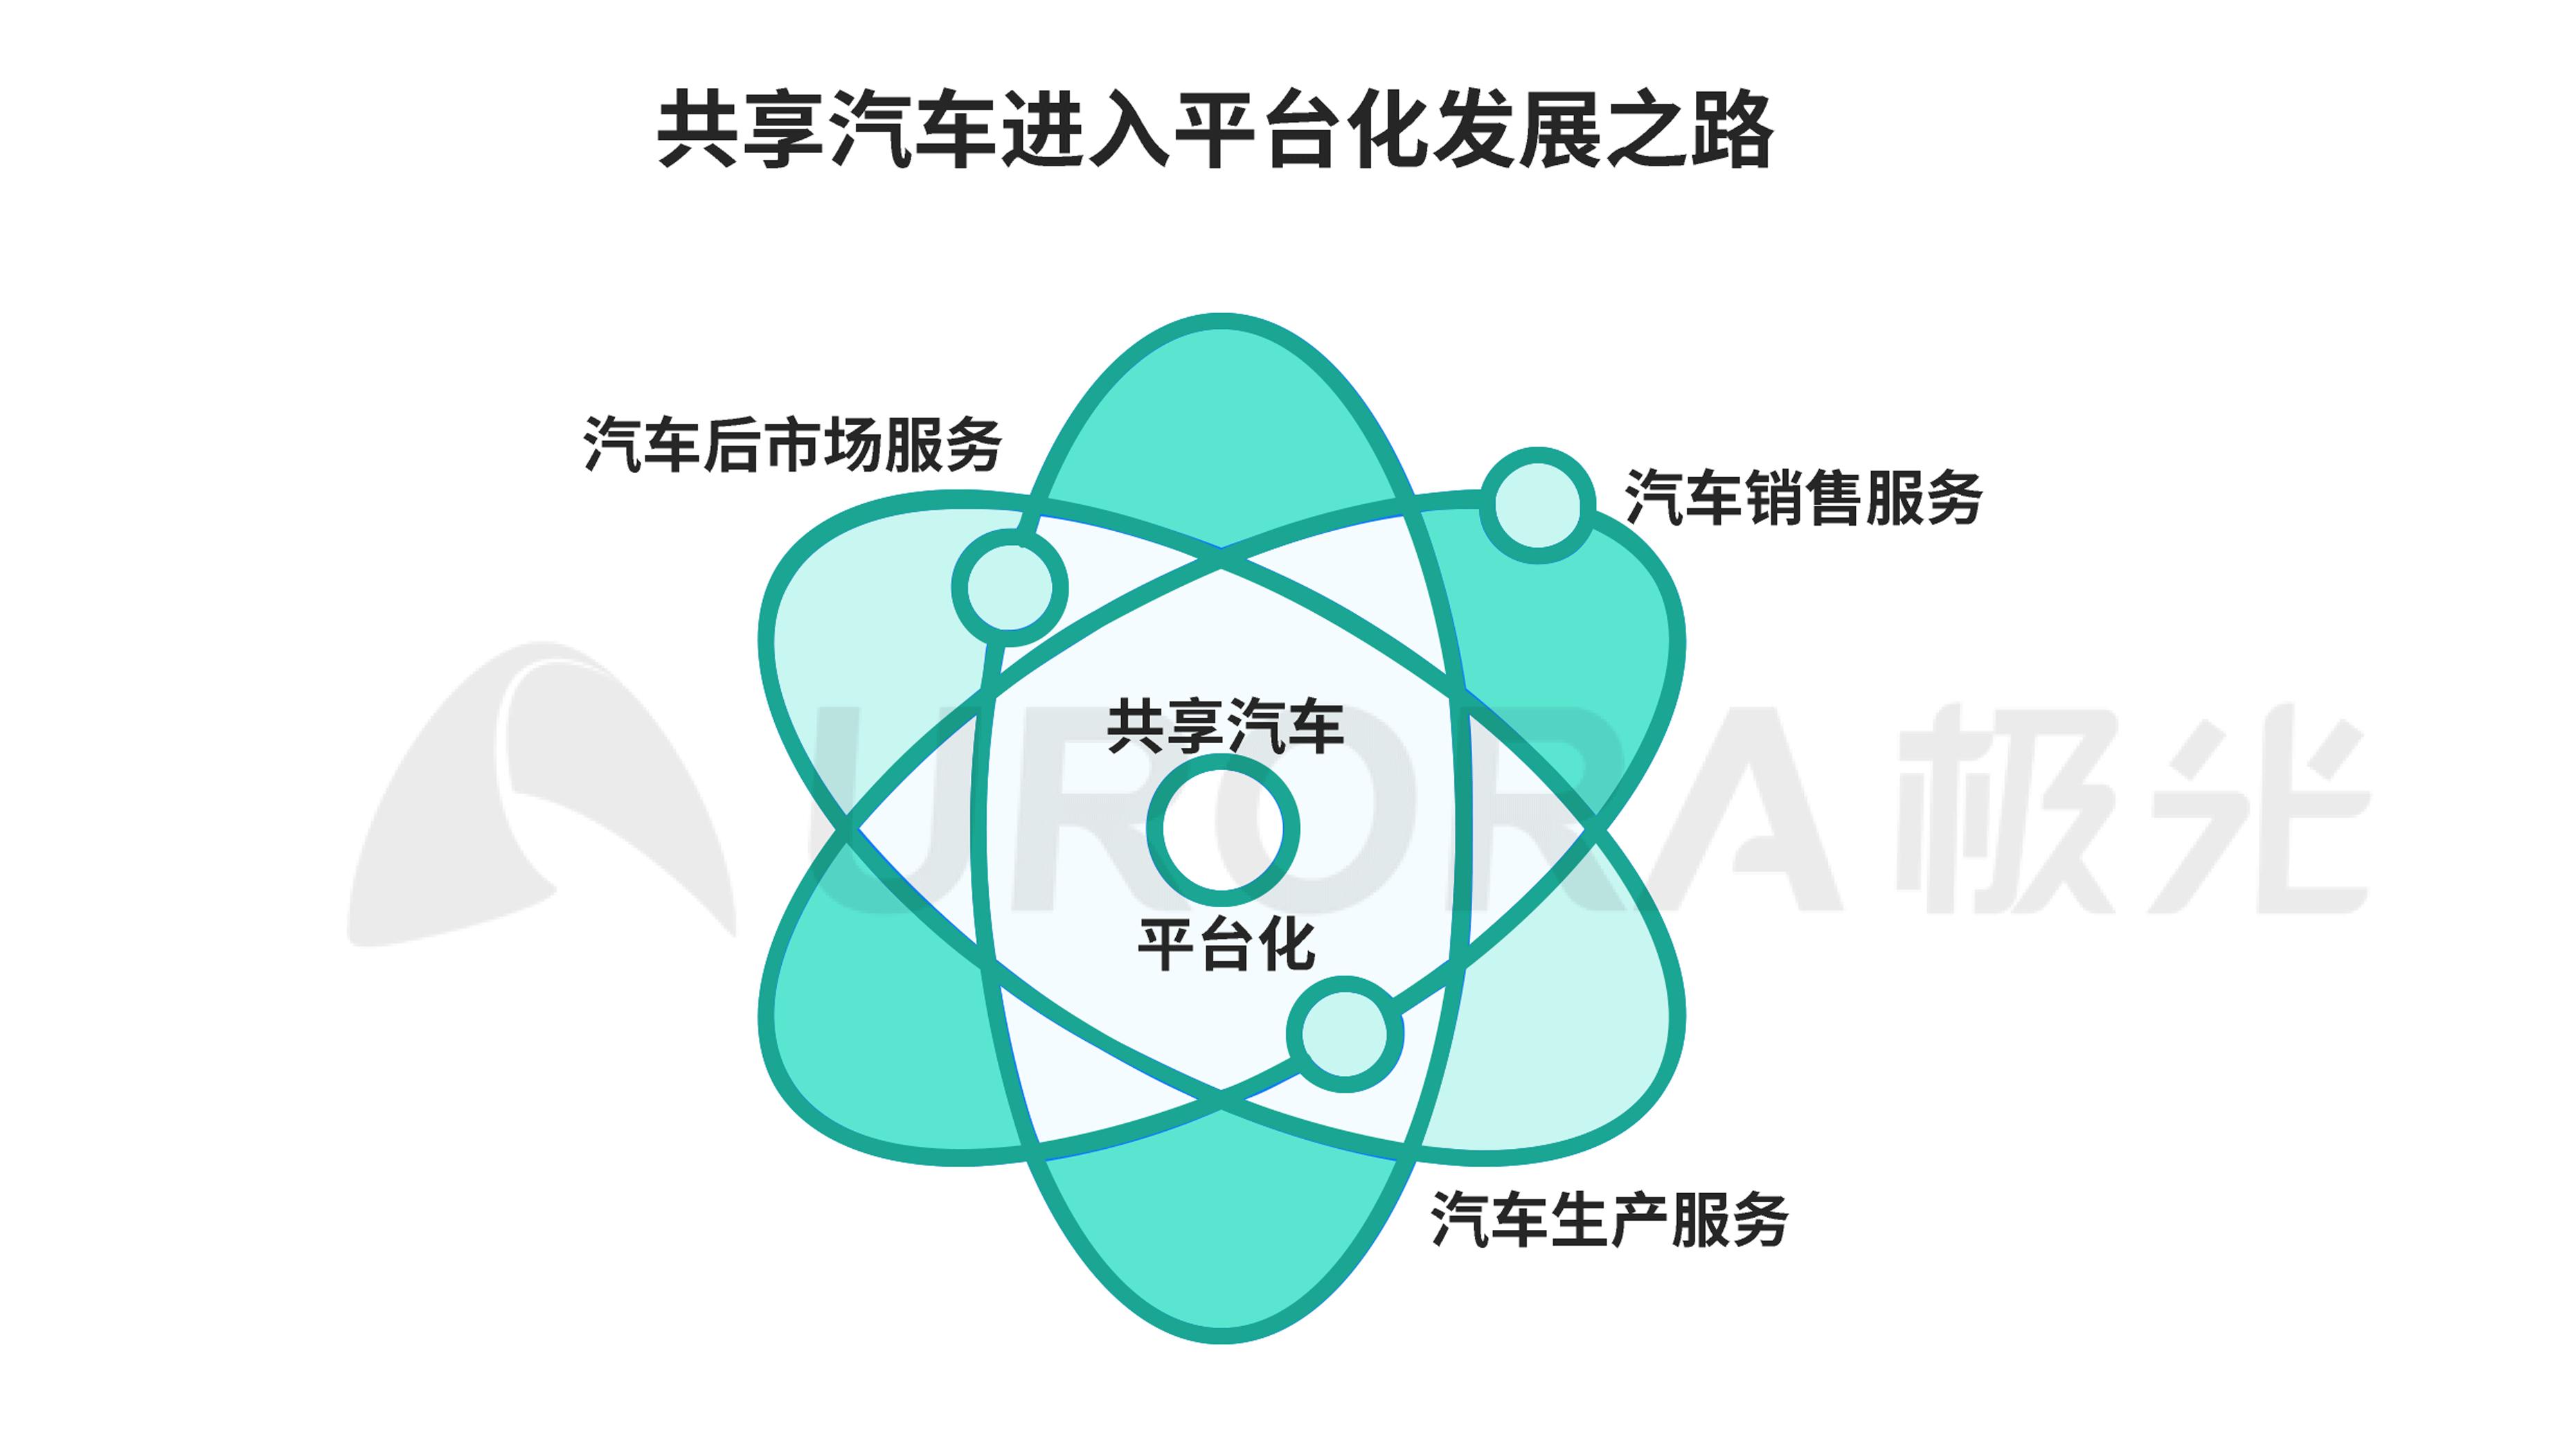 极光:汽车产业新格局 (29).png